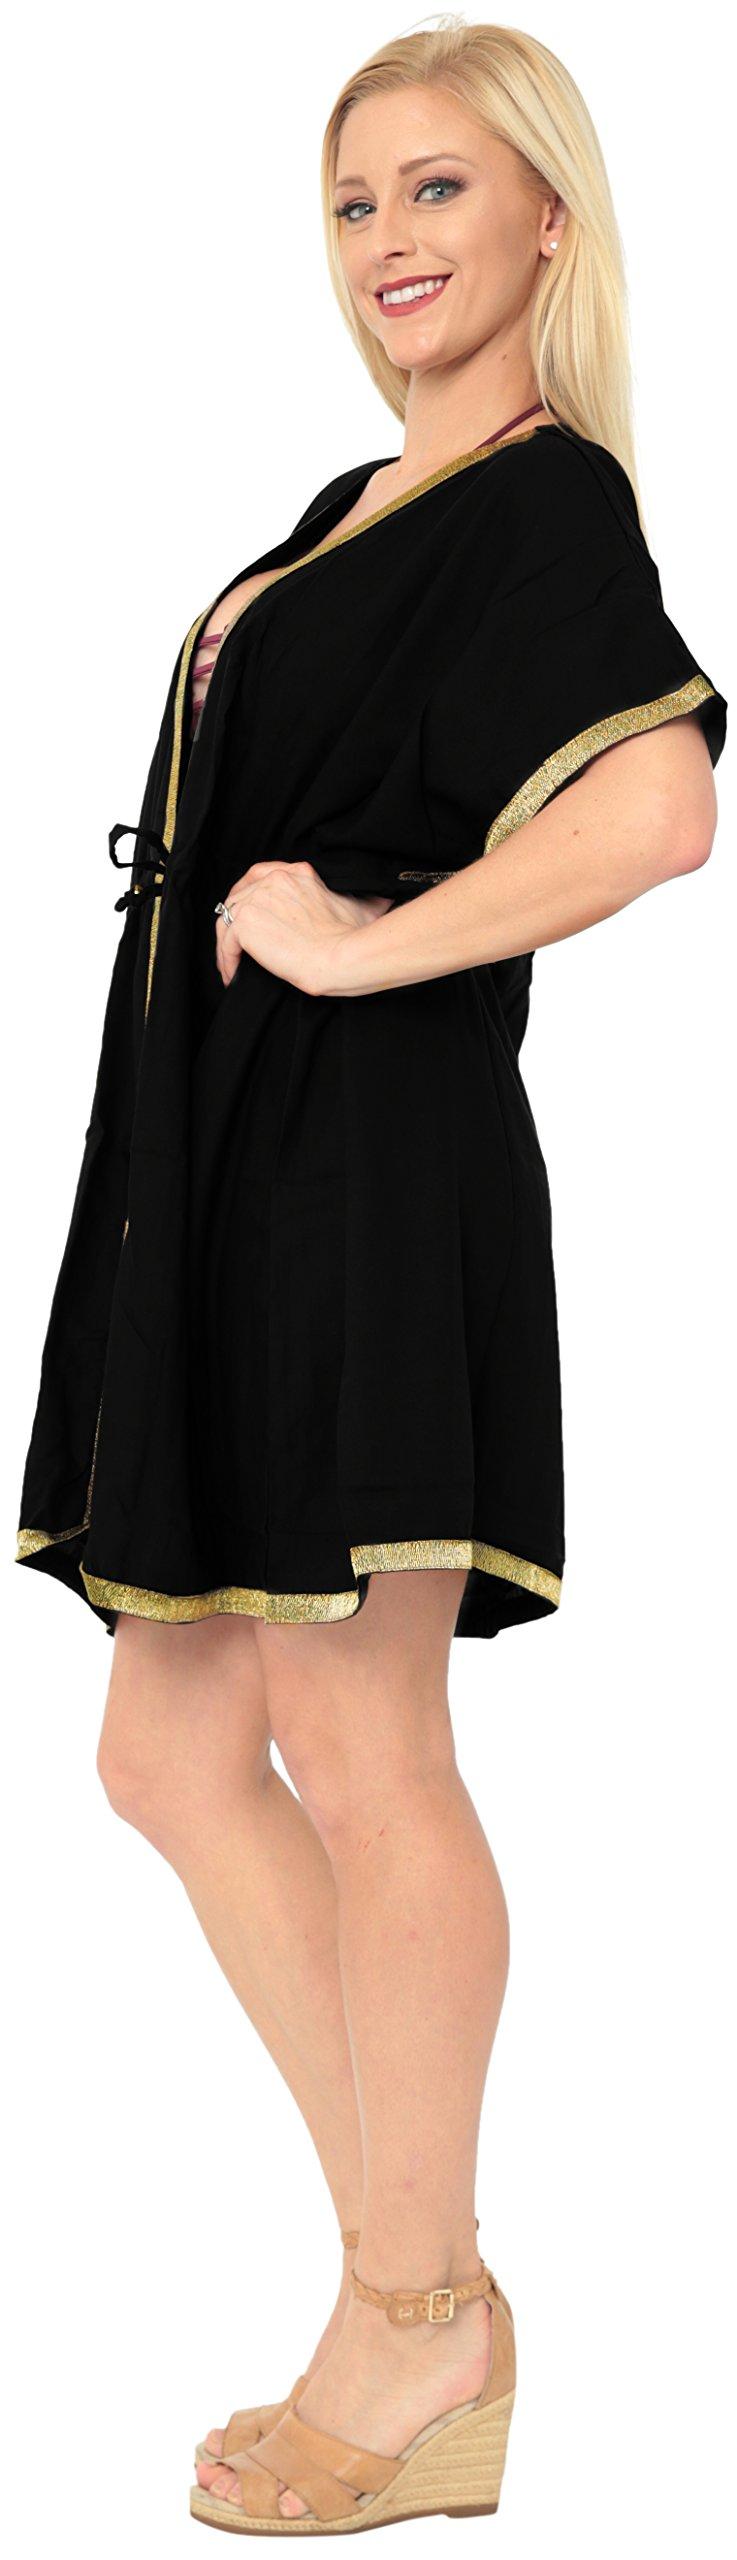 LA LEELA Copricostume Mare Cardigan Donna Taglie Forti- Vintage Rayon Estivo Scialle Elegante Solido Kimono Vestito… 3 spesavip